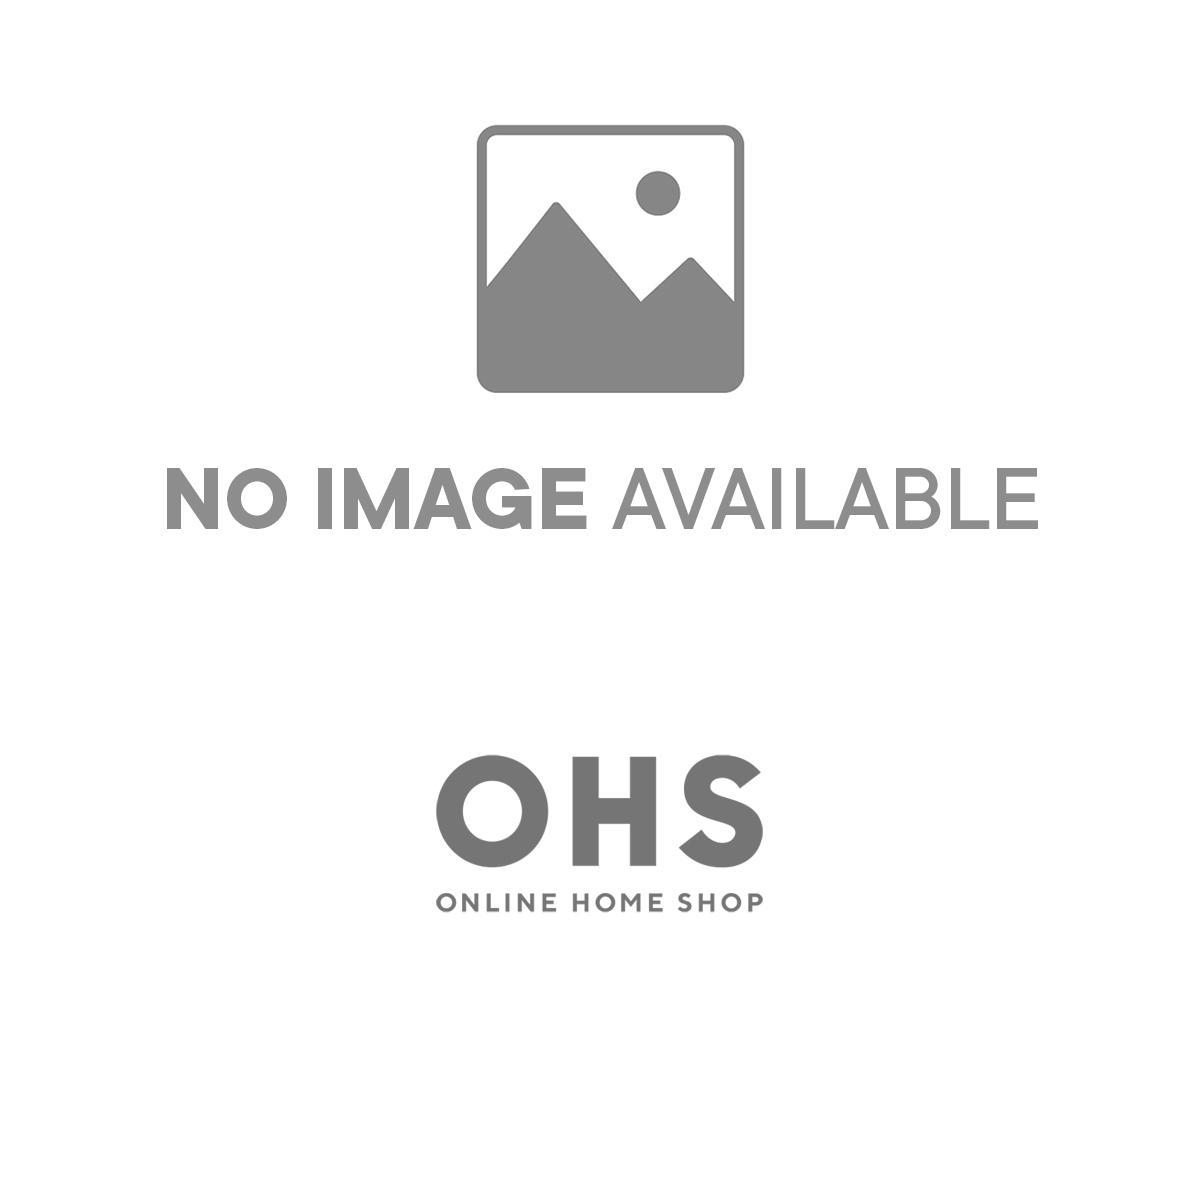 Shabby Chic Stripe Duvet Set - Grey